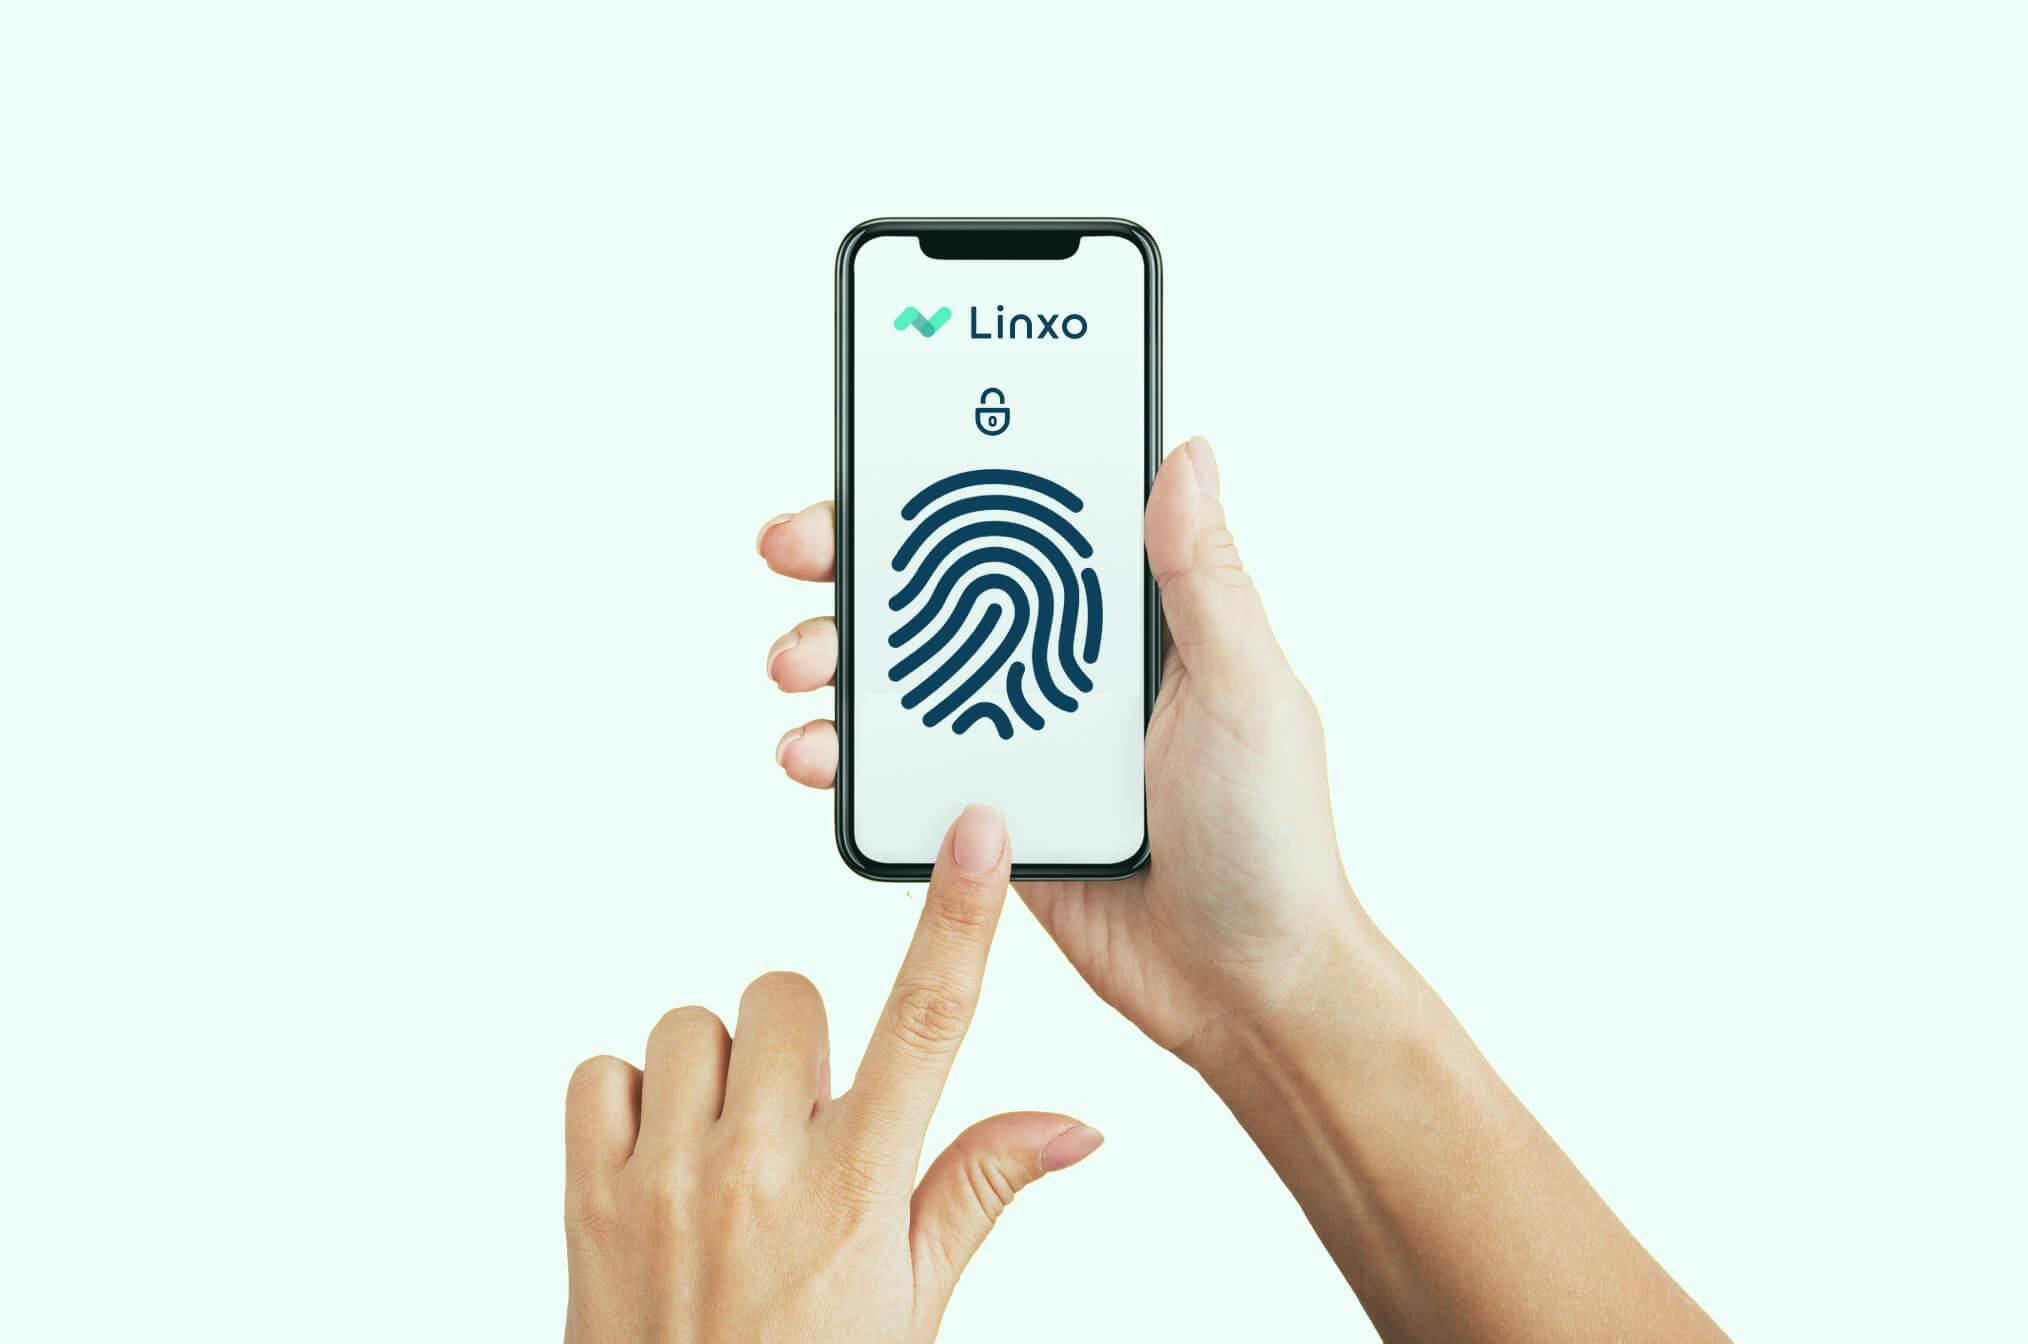 Linxo protège les données de ses utilisateurs grâce à des algorithmes chiffrés